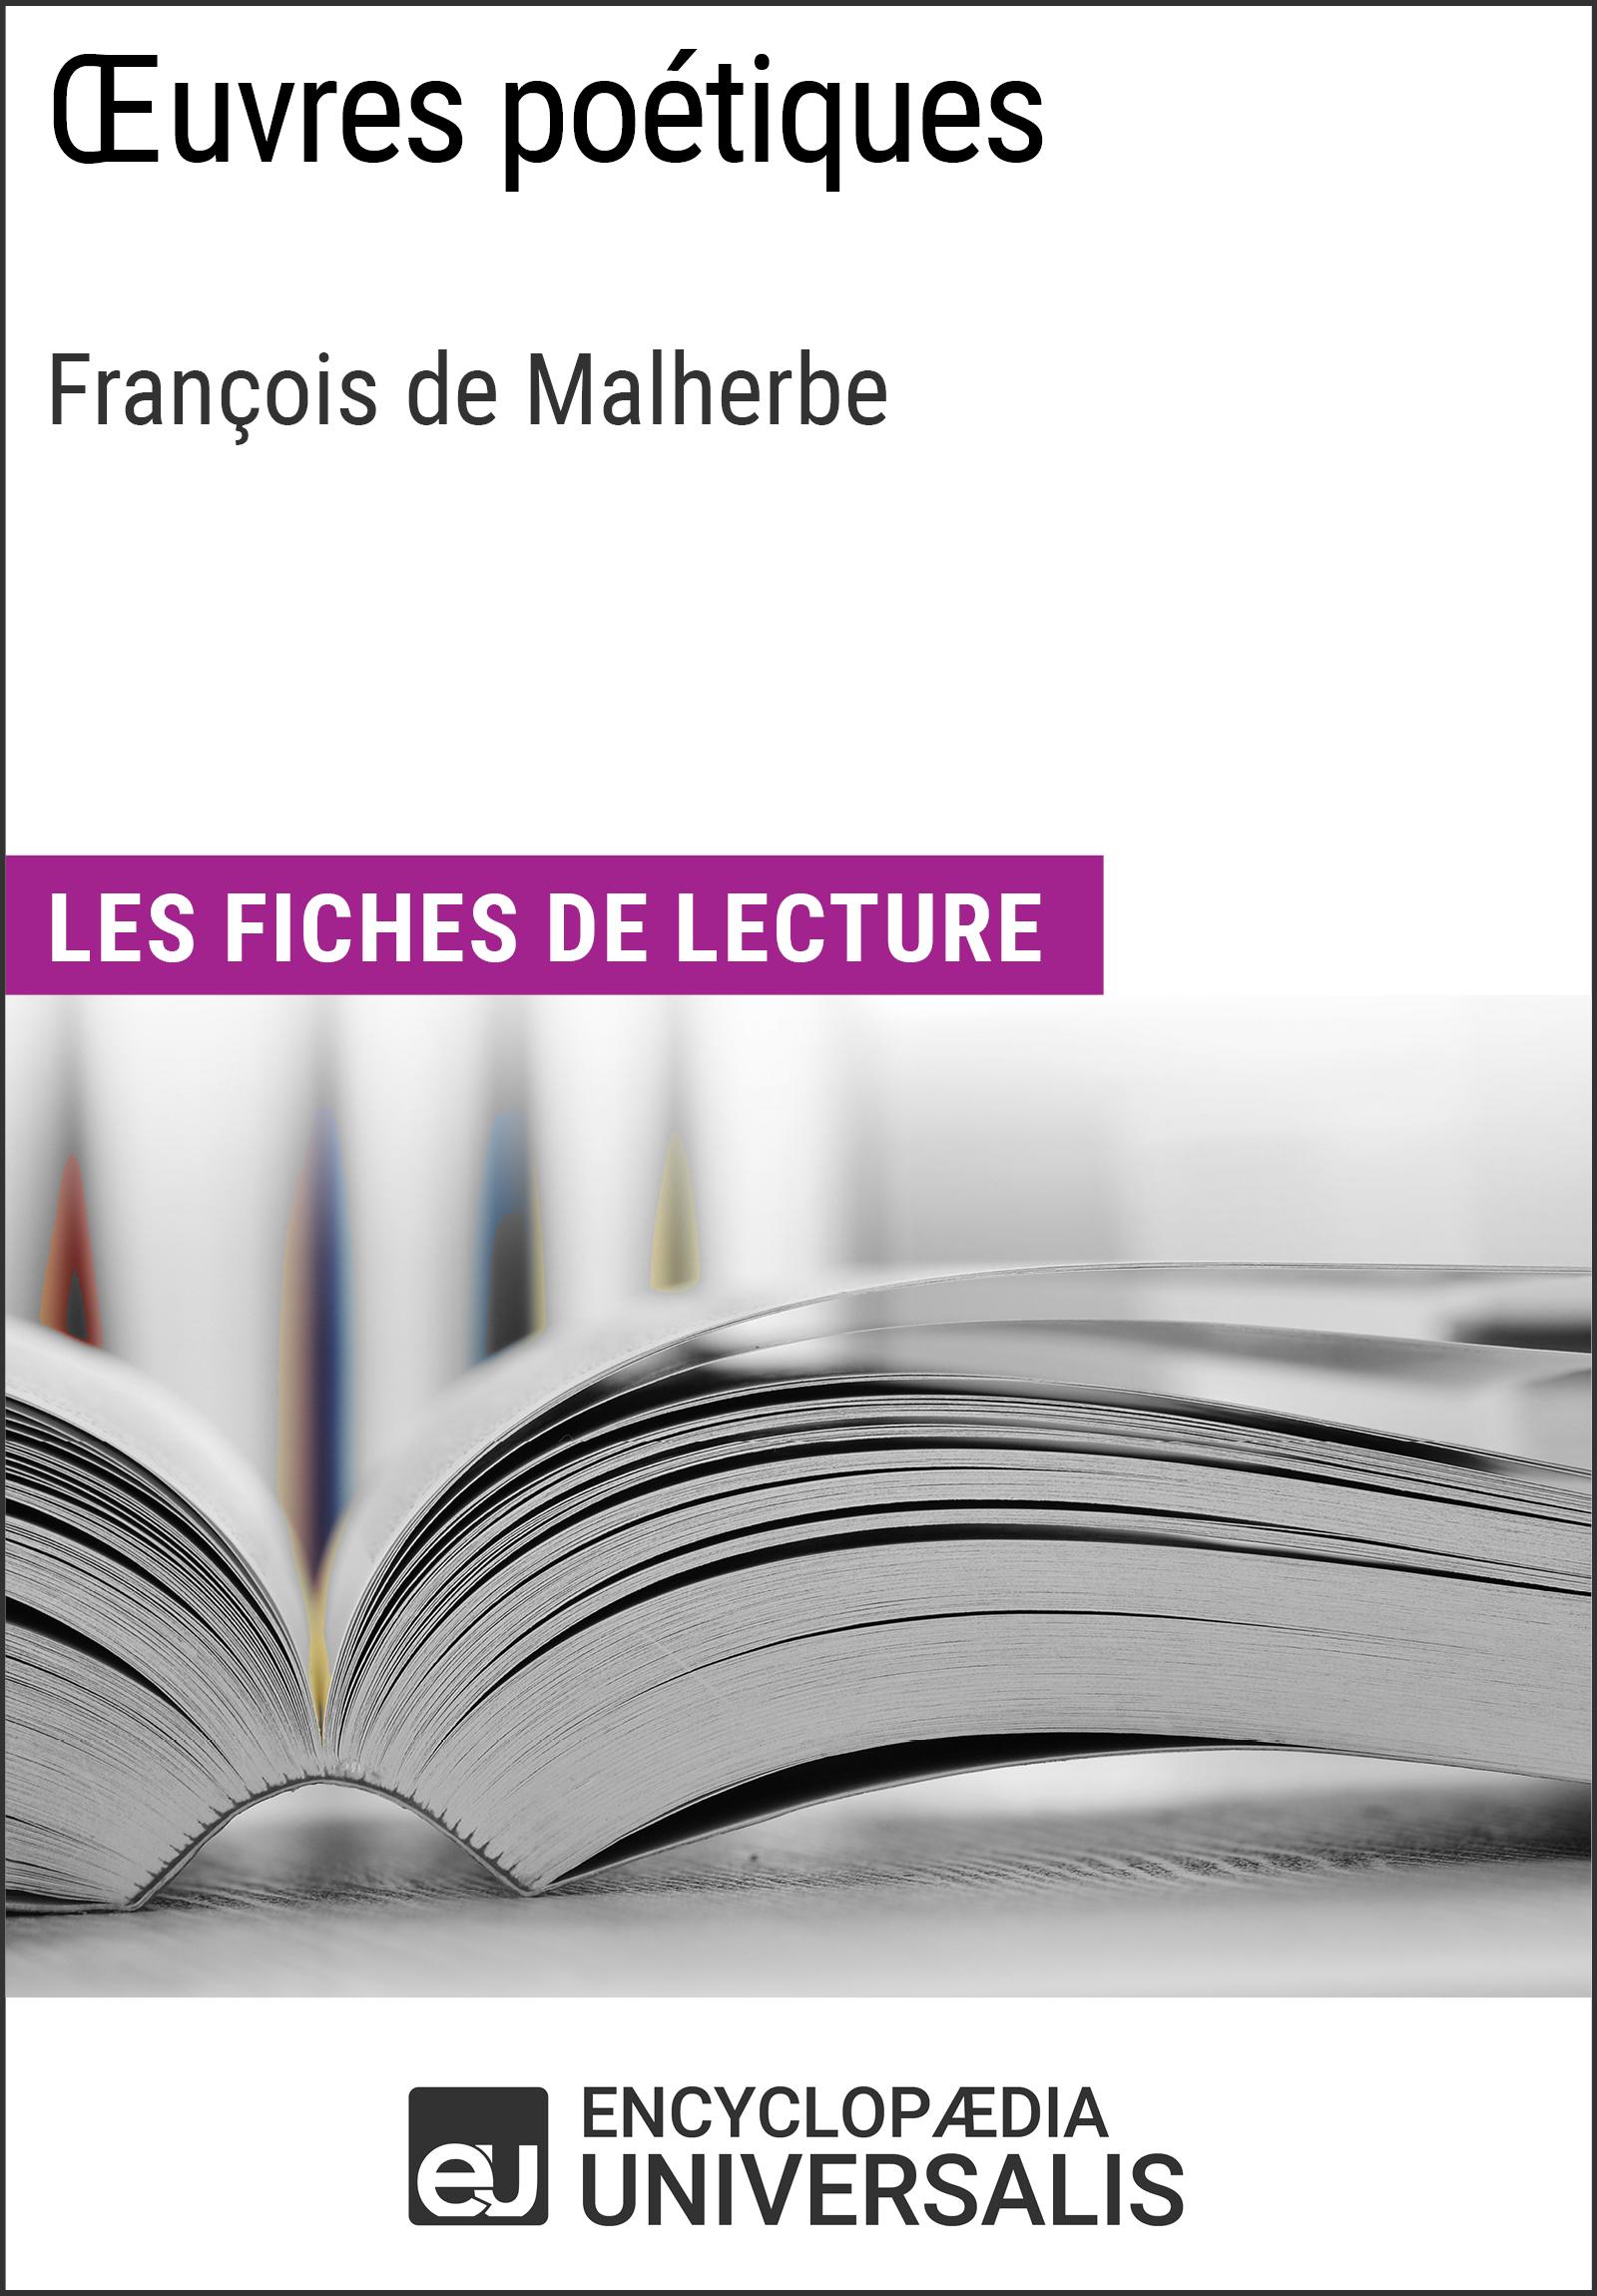 Oeuvres poétiques de François de Malherbe